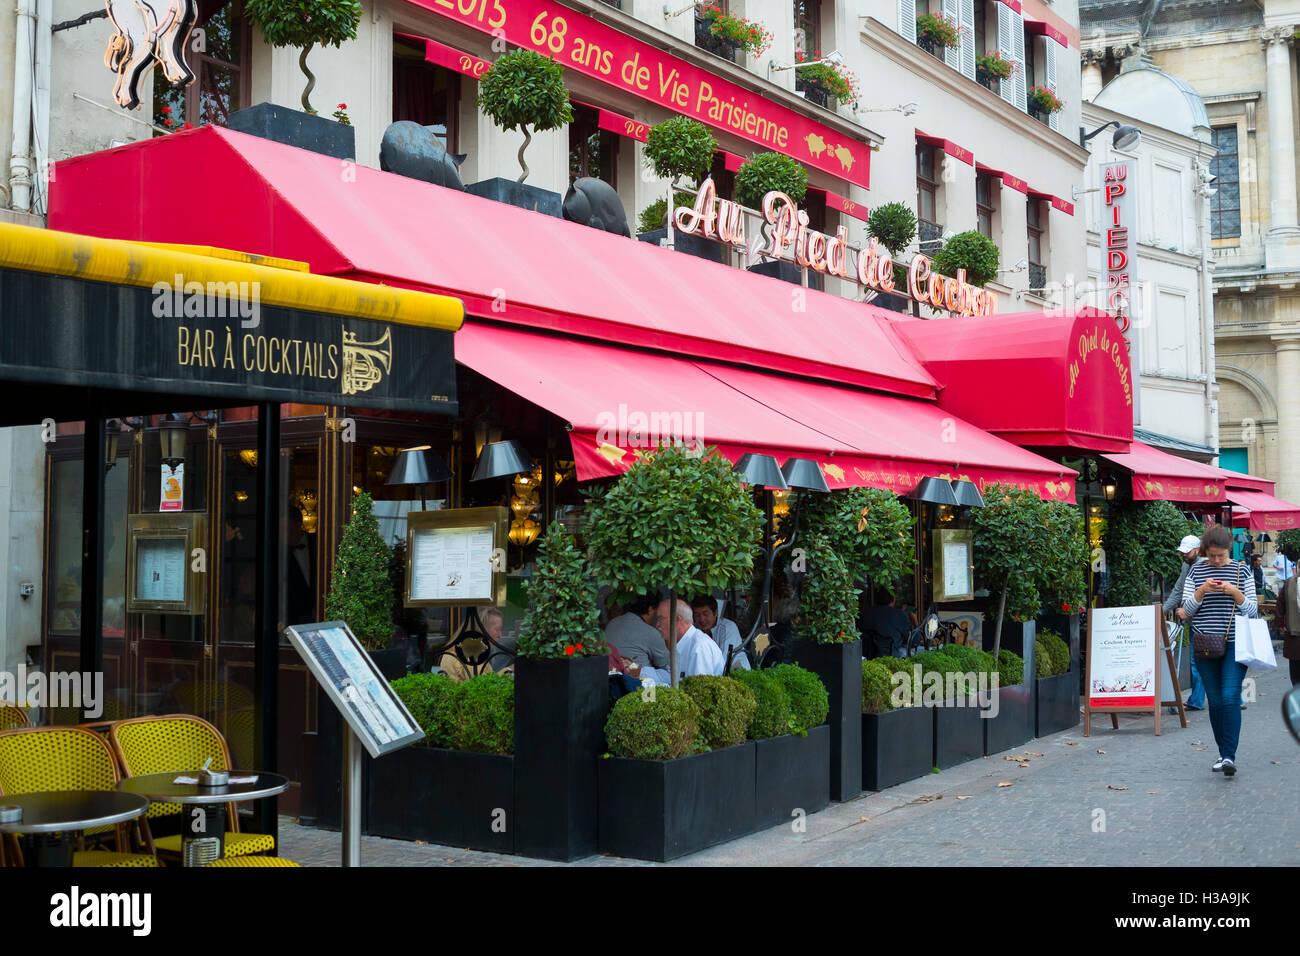 Au Pied de Cochon restaurant, Paris, France - Stock Image